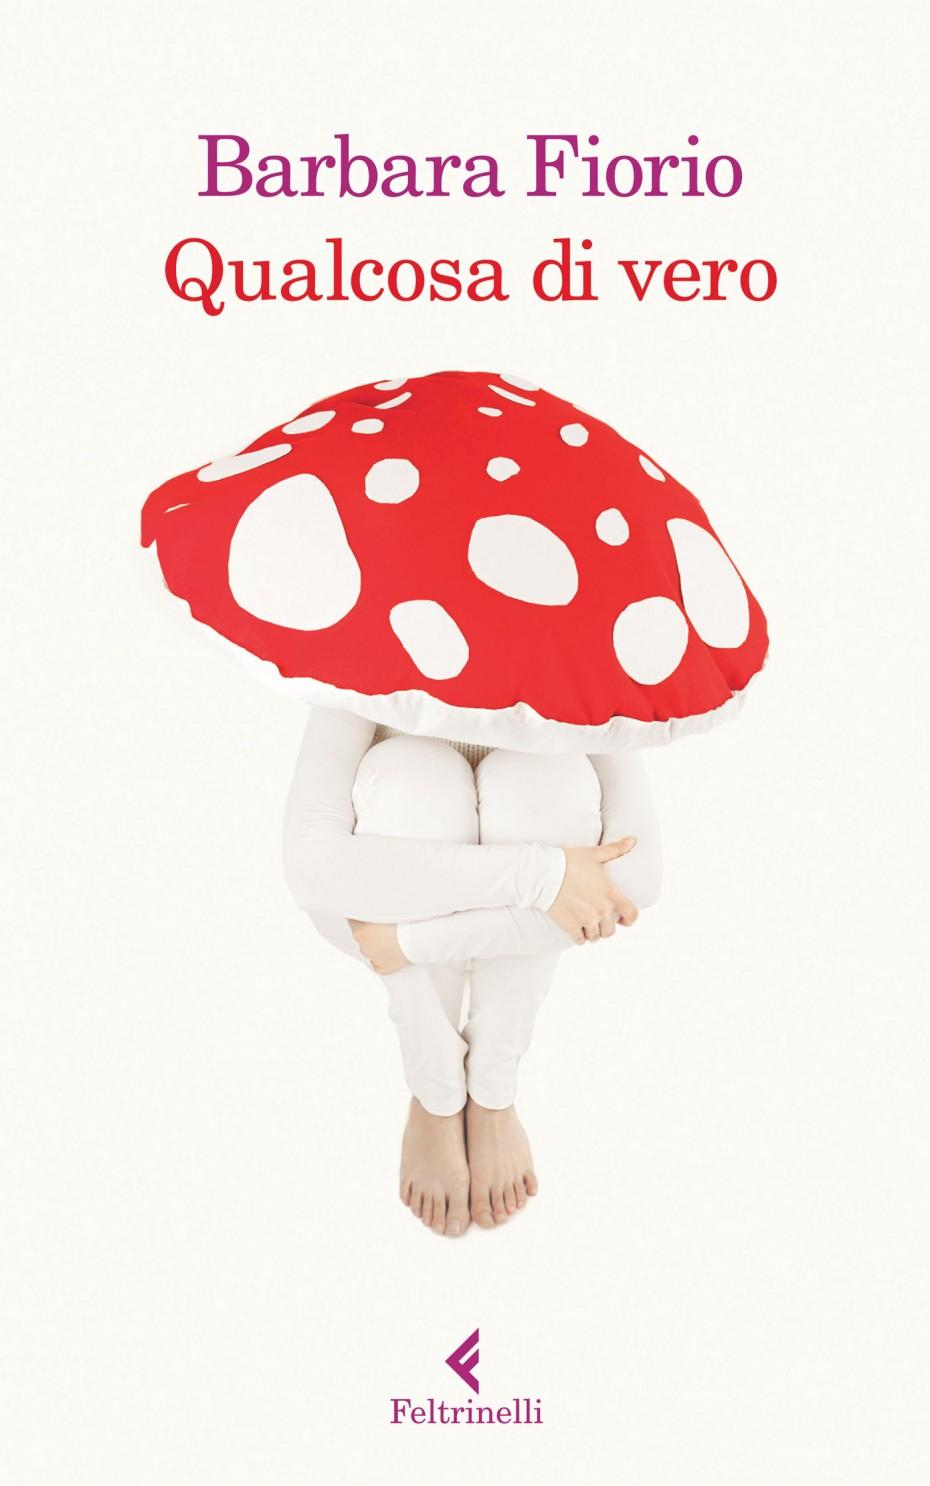 Fiorio-Qualcosa-di-vero-Cover-930x1486